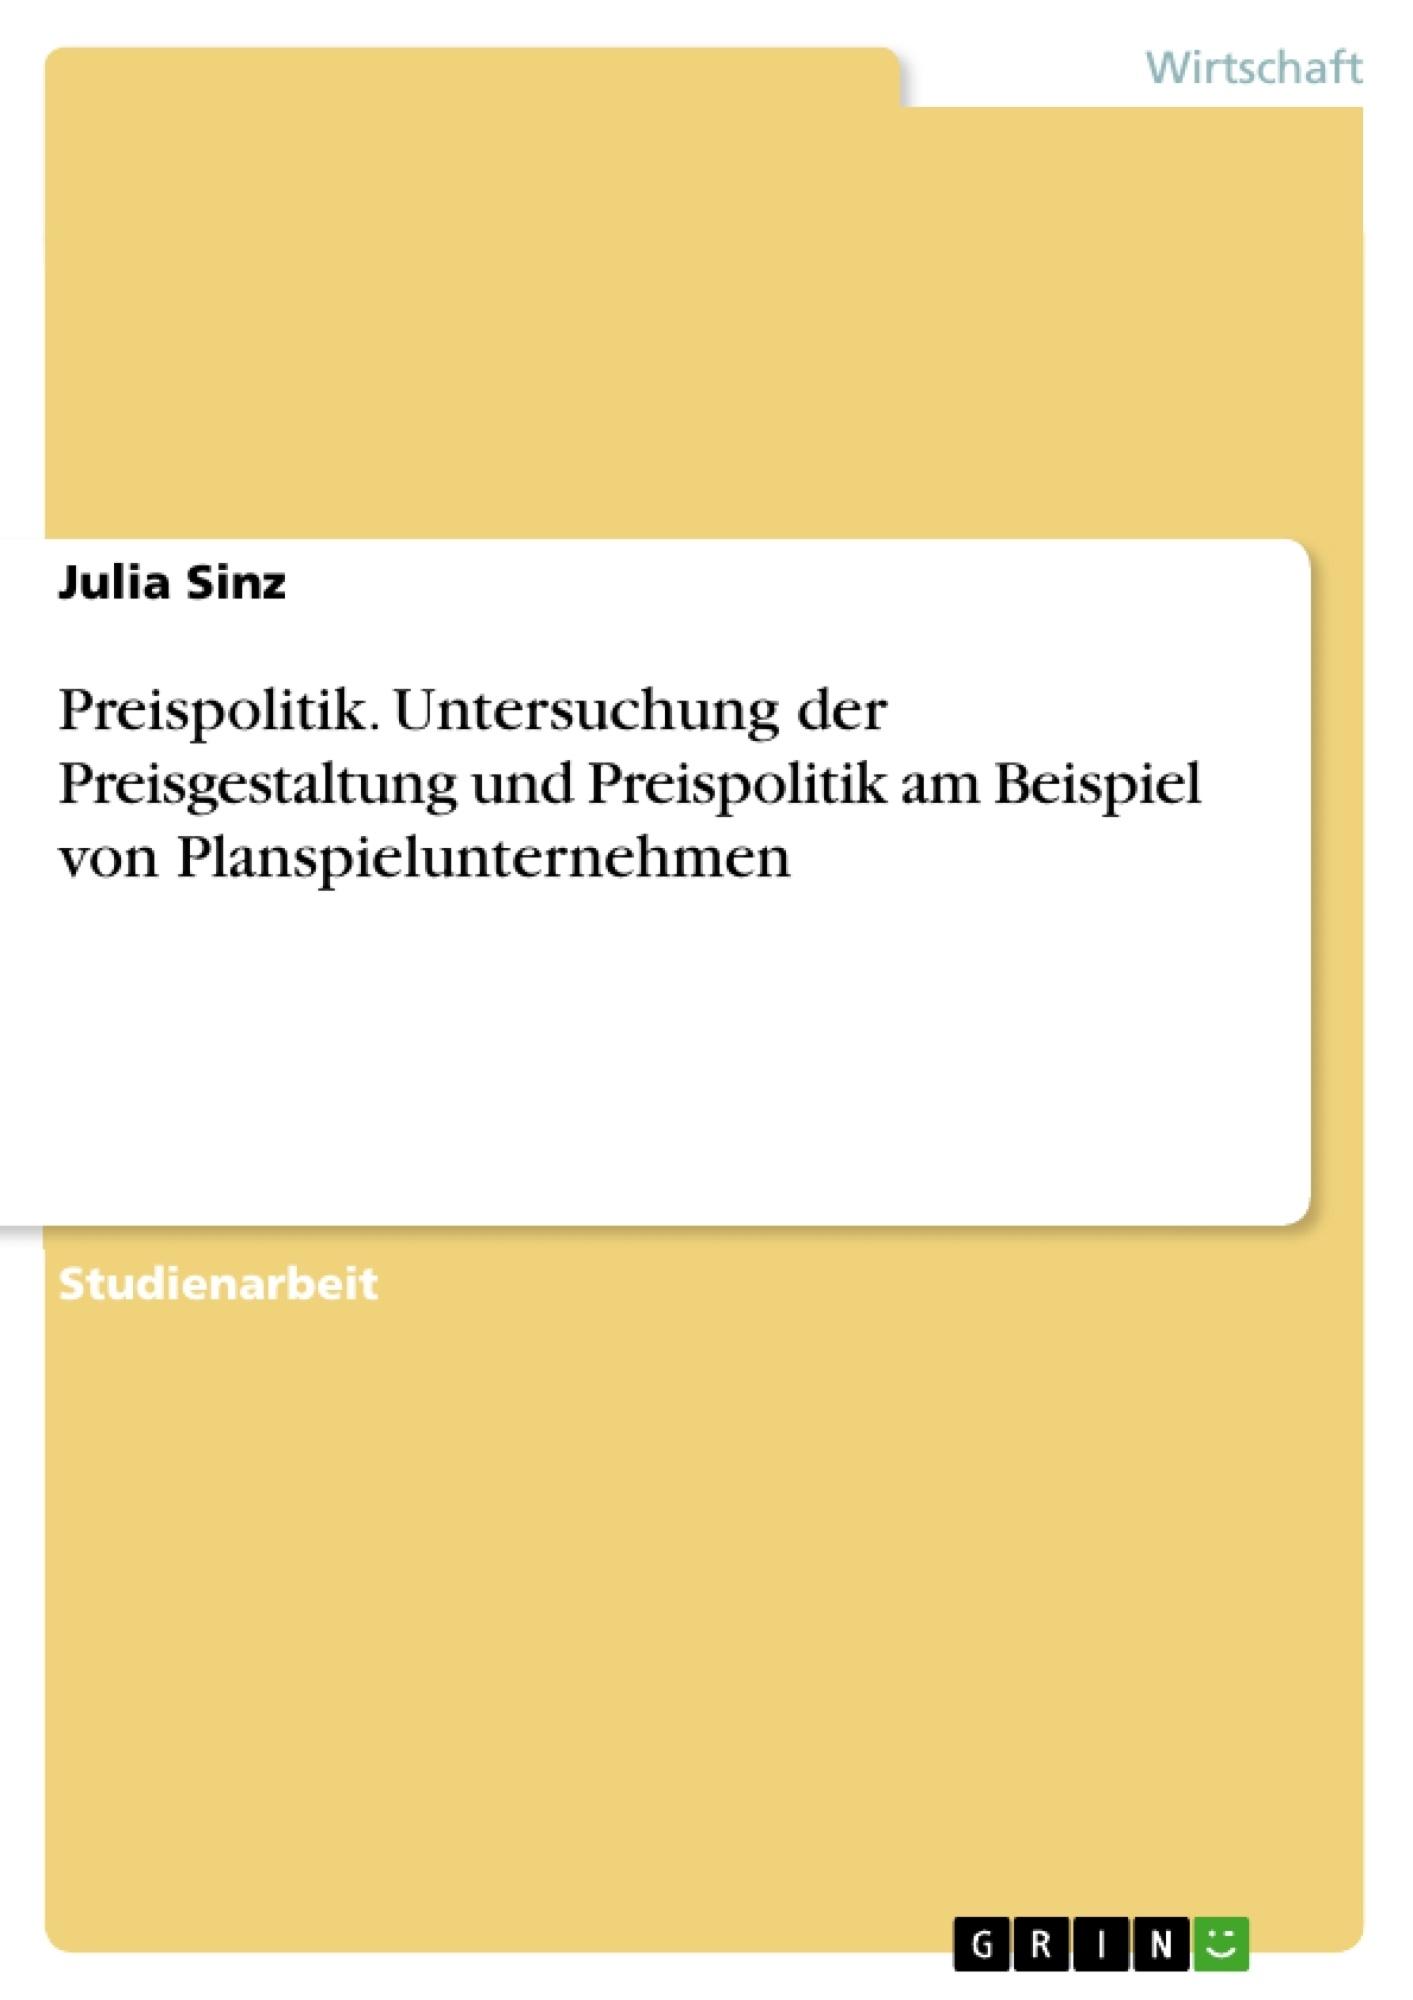 Titel: Preispolitik. Untersuchung der Preisgestaltung und Preispolitik am Beispiel von Planspielunternehmen